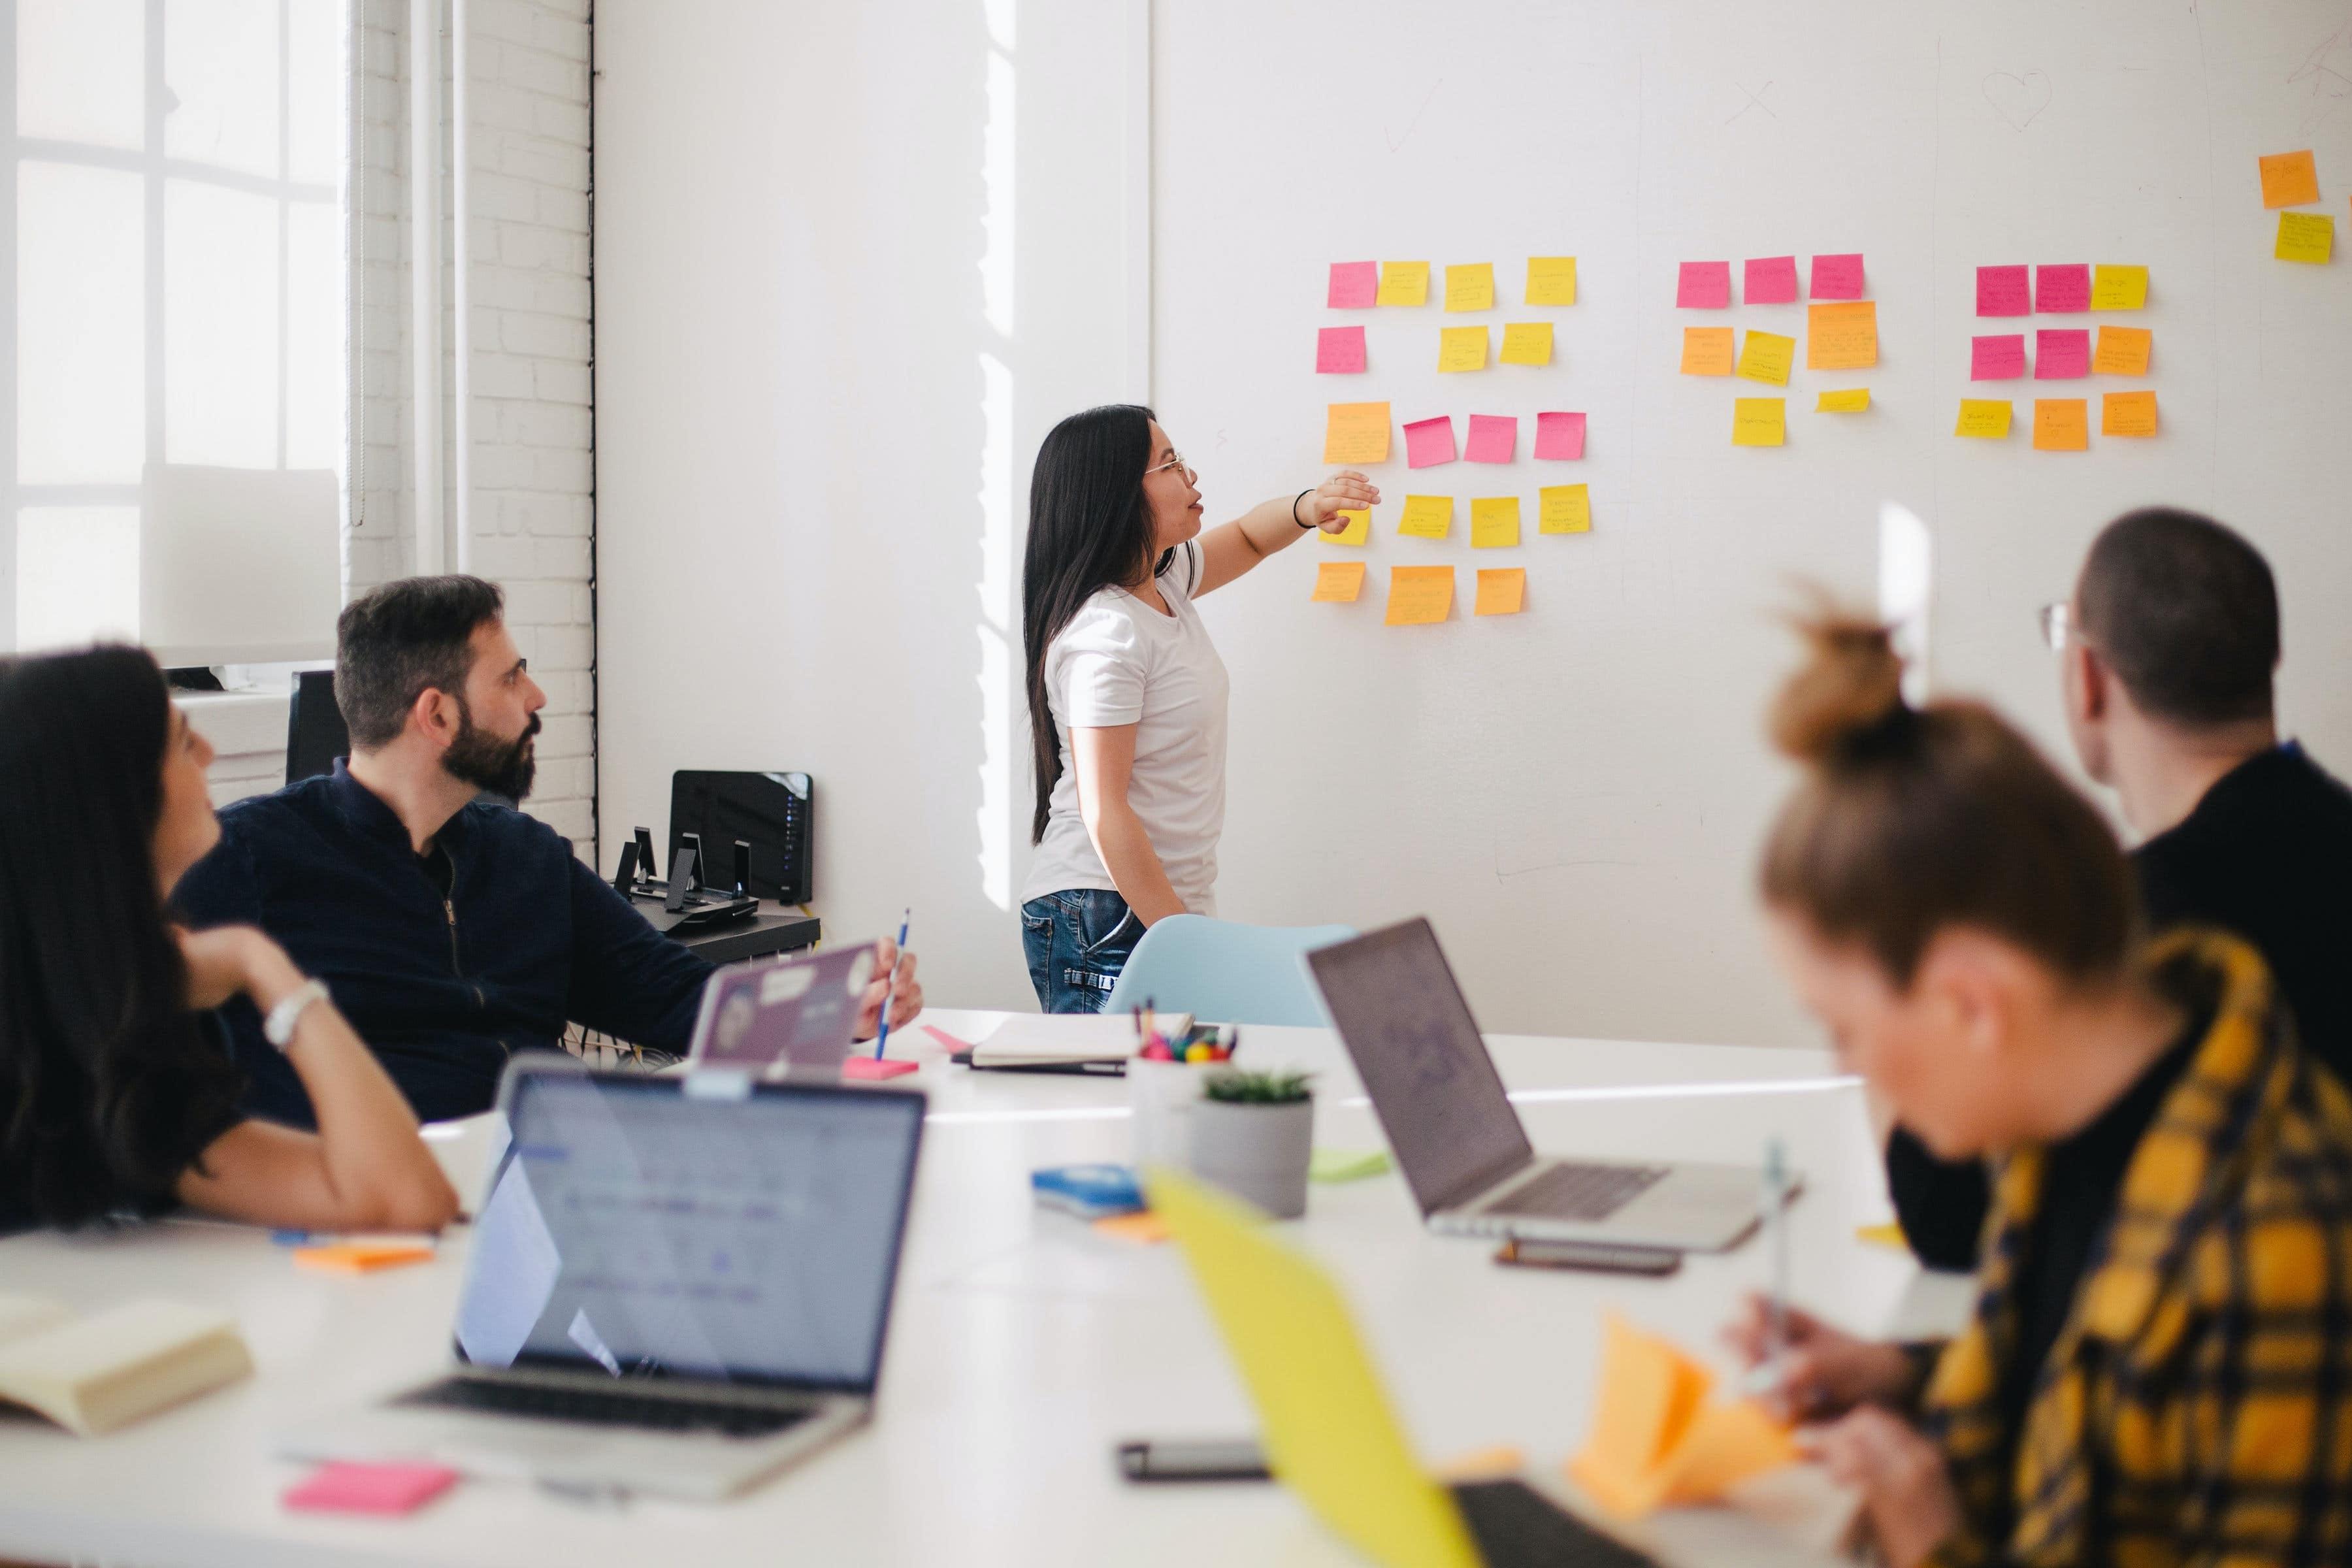 Des outils collaboratifs pour améliorer la productivité